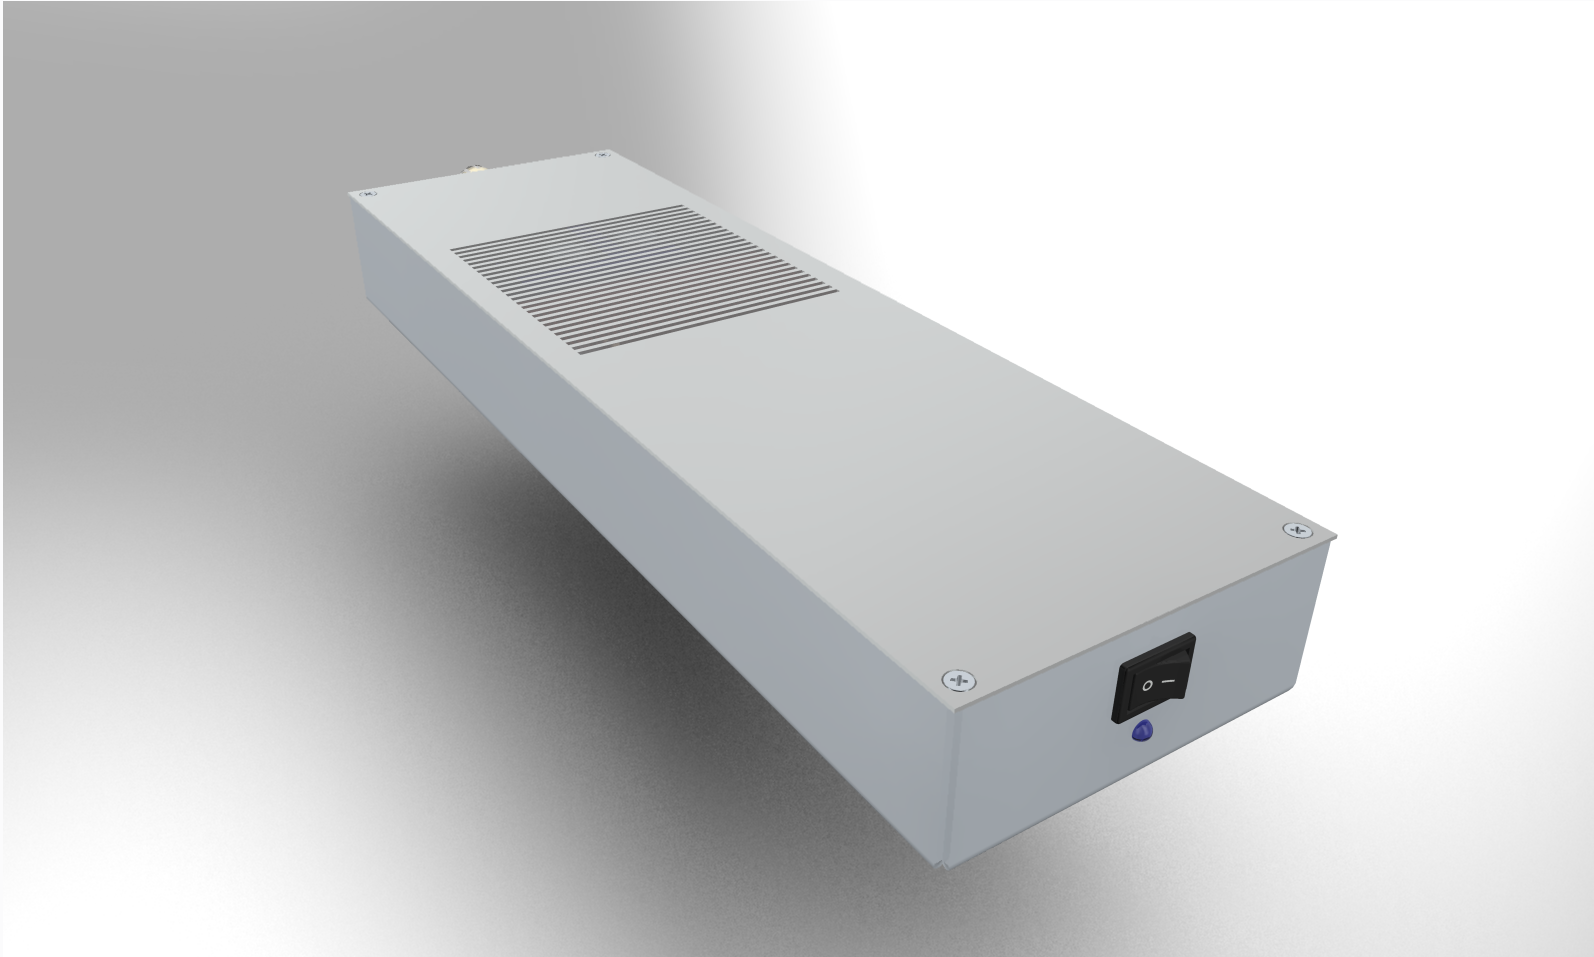 110mm 1RU monoblock amplifier